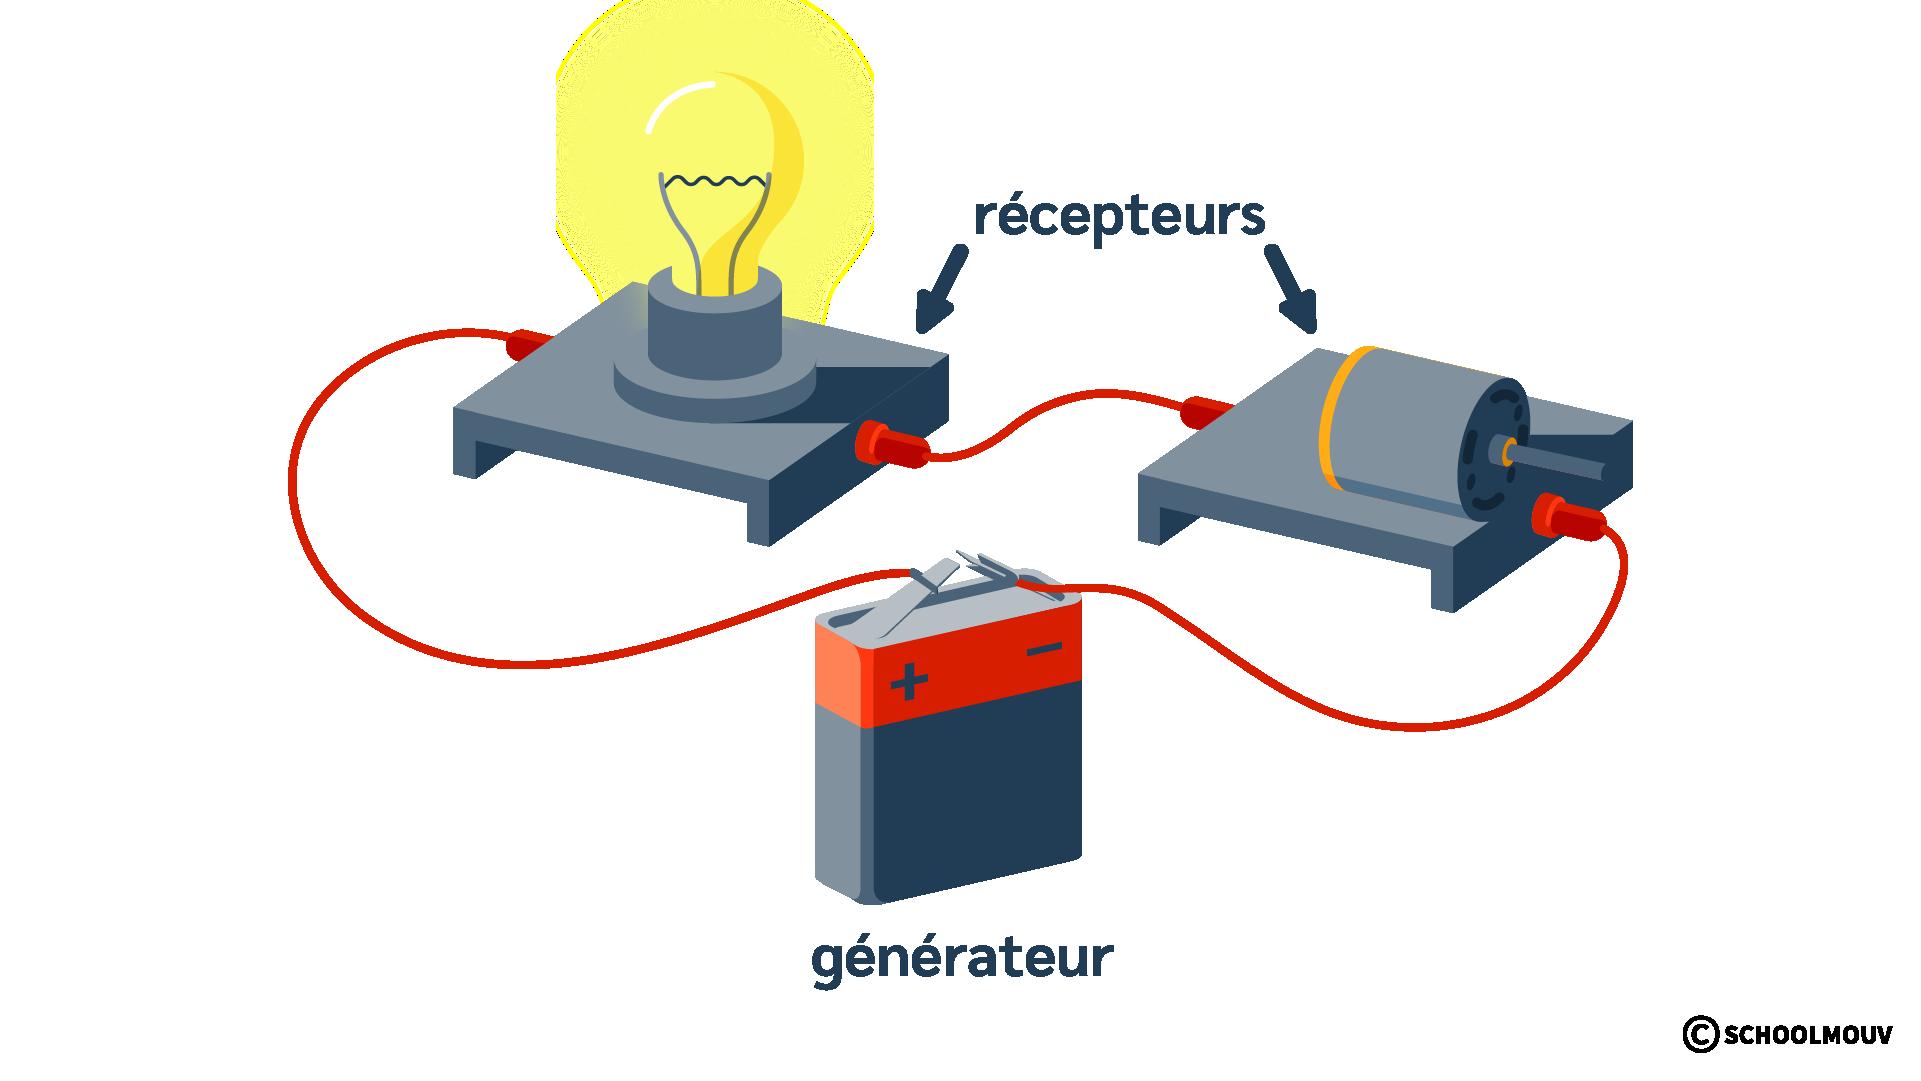 Circuit électrique - Ampoule - Moteur - Récepteurs - Générateur - Pile - Électricité - SchoolMouv - Sciences - CE2